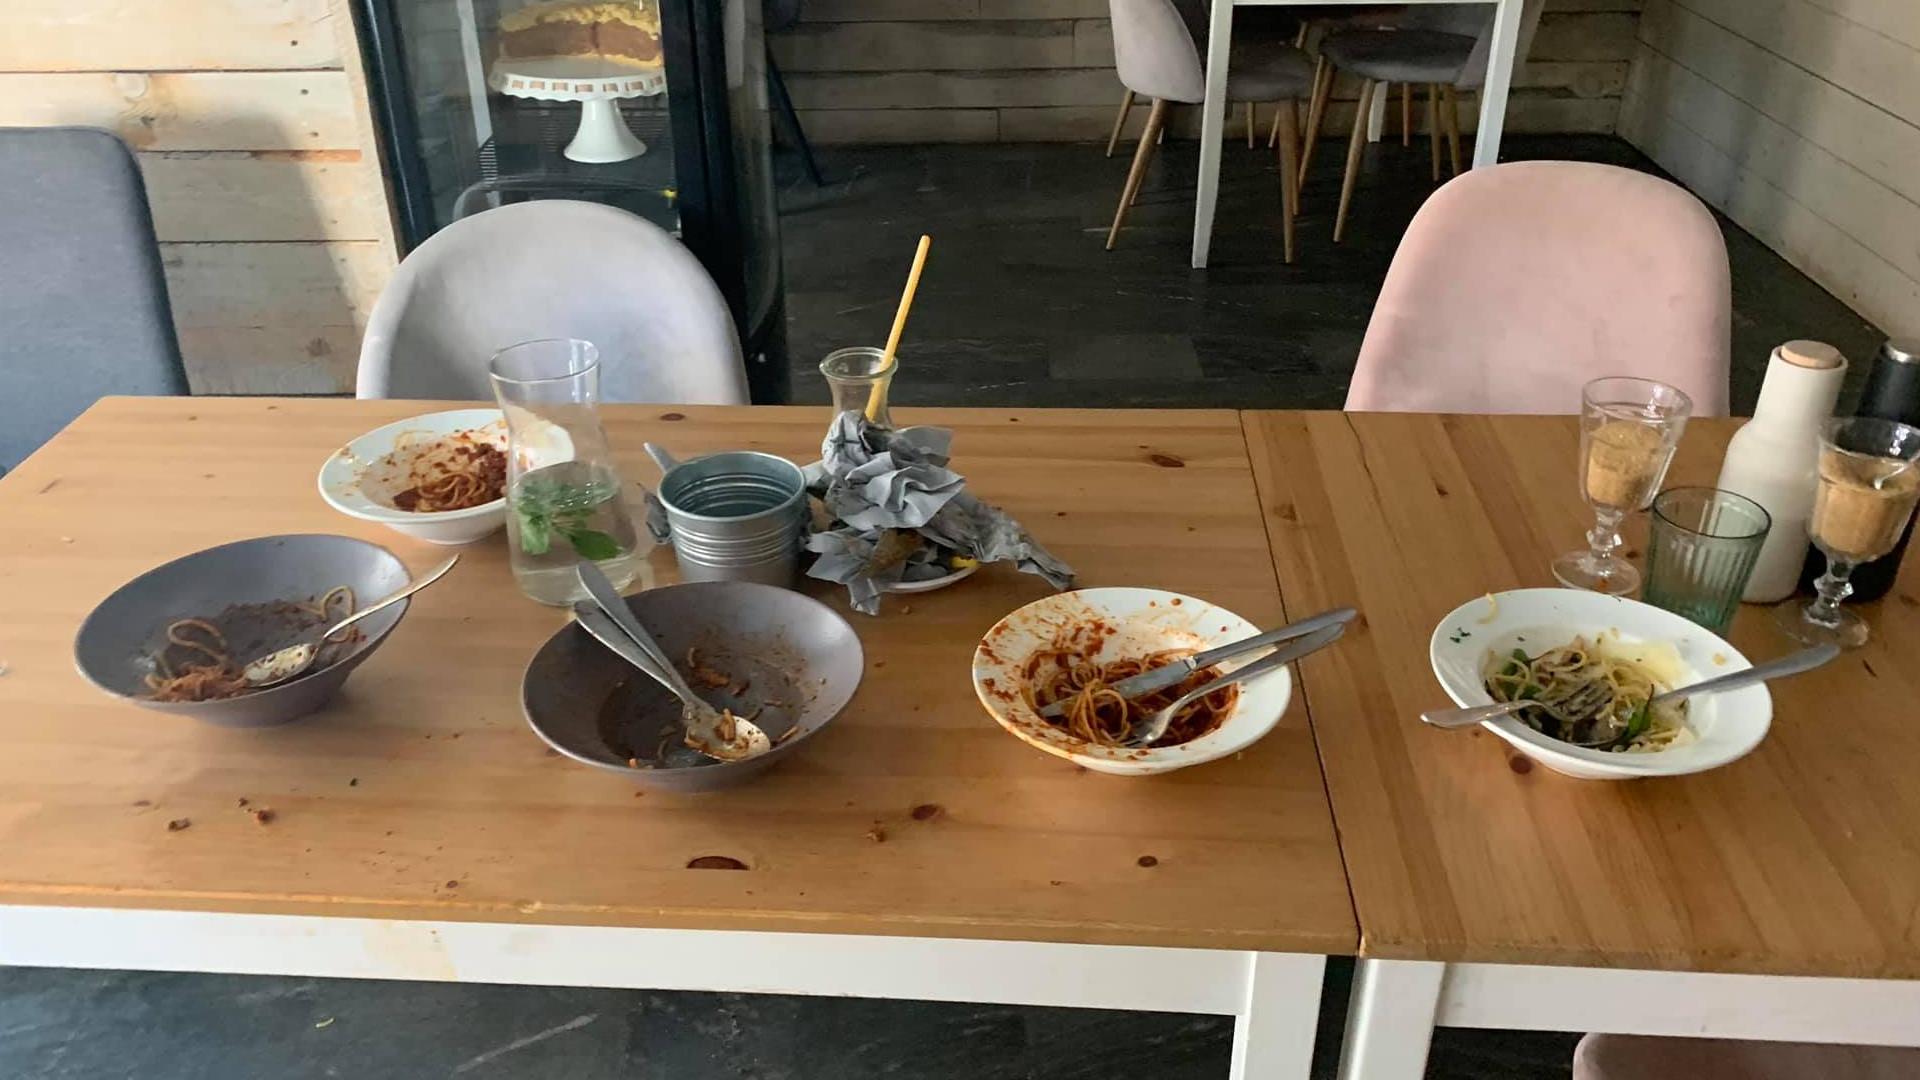 SZOK ! Polska restauracja zapowiedziała drastyczne zmiany. Dzieci poniżej 6 roku życia nic w niej nie zjedzą